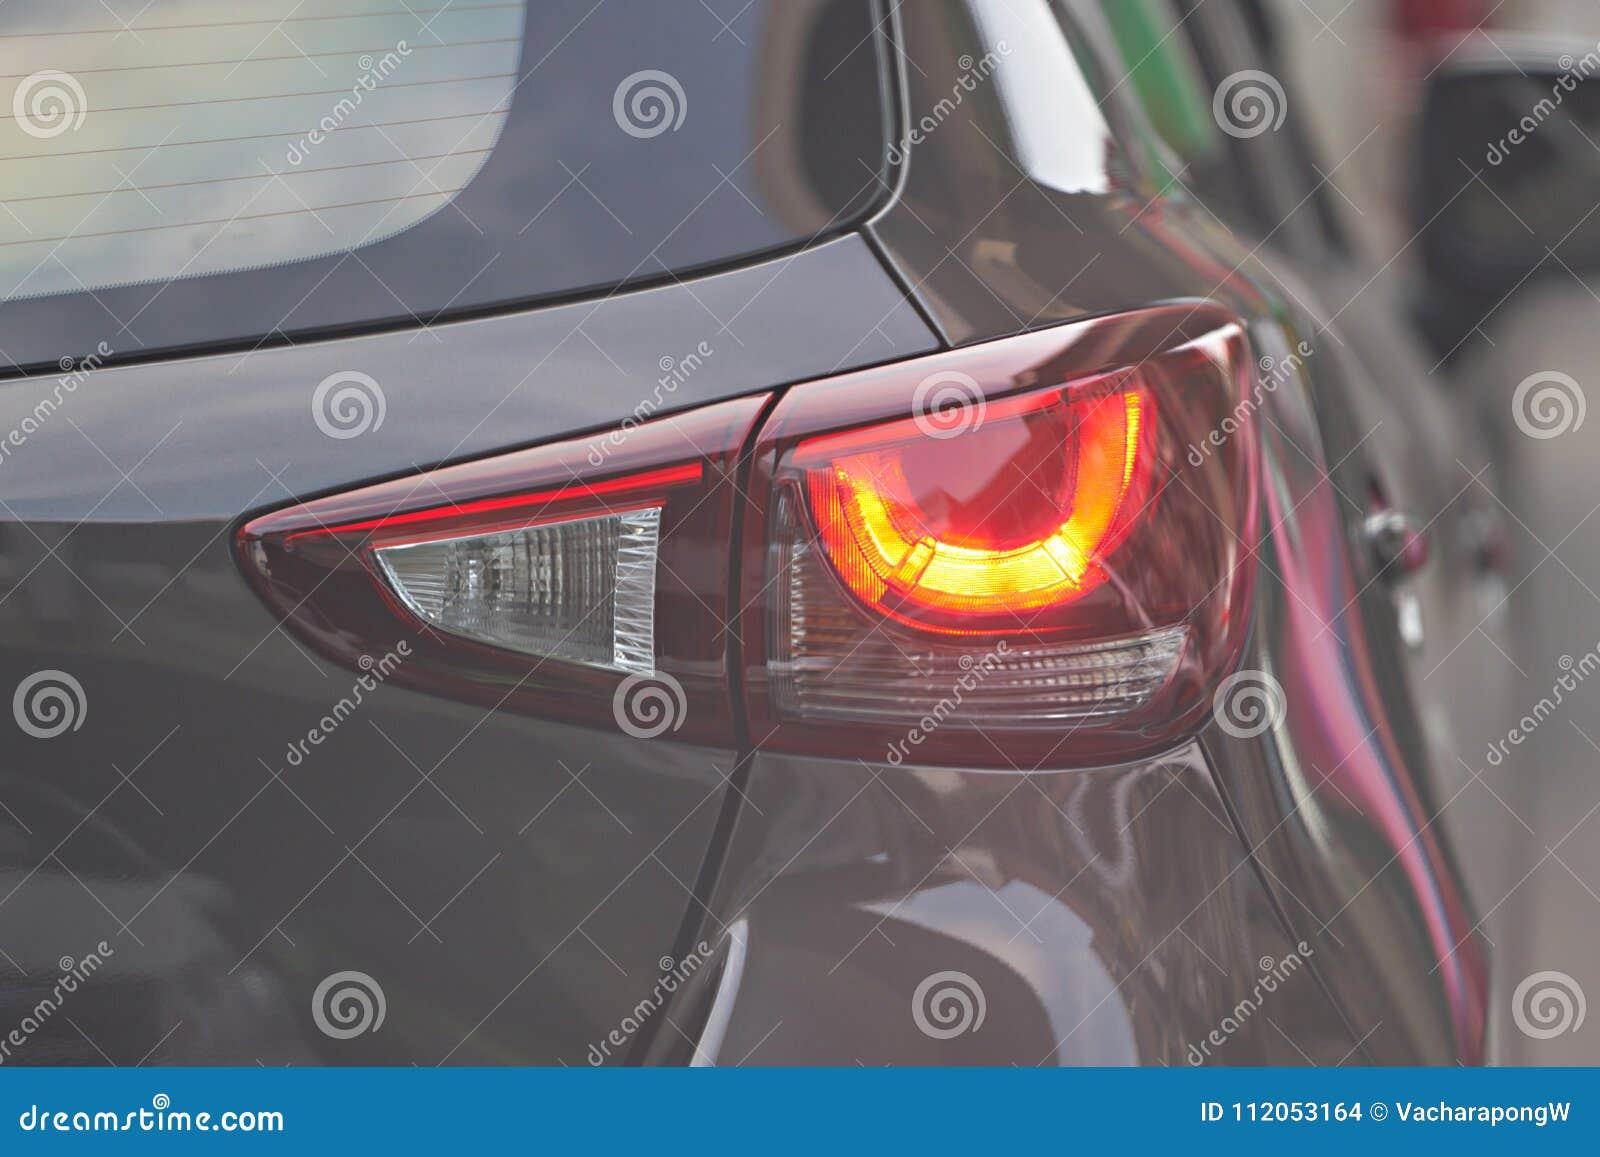 Car rear light on real traffic road